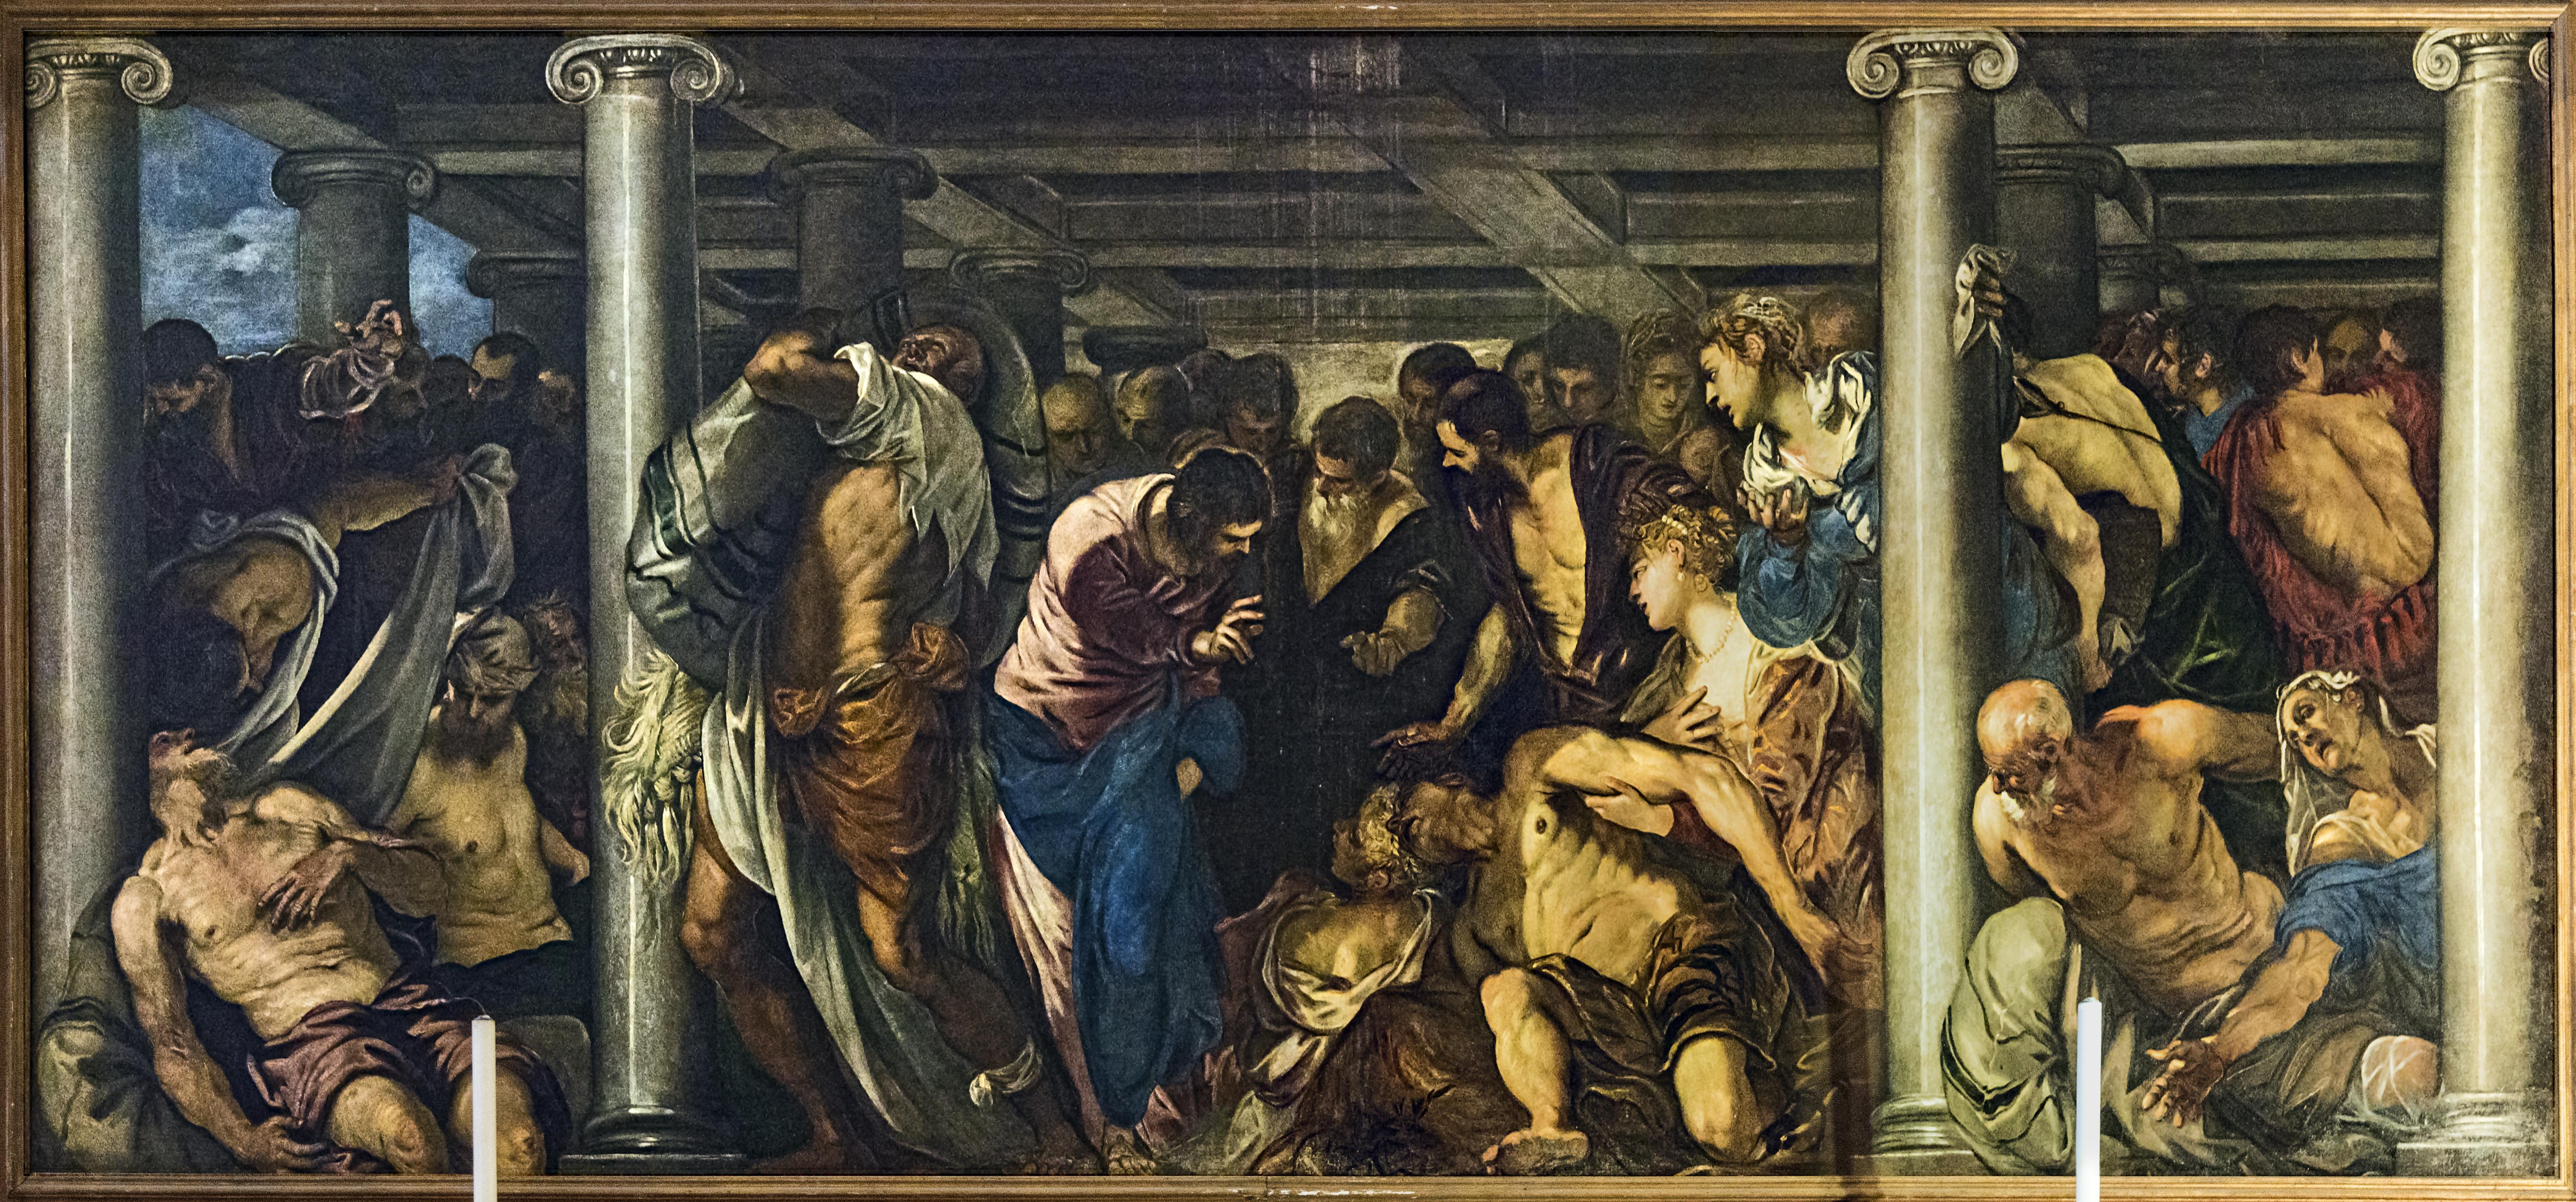 File:San Rocco Venezia (Interno) - Tintoretto, La guarigione del paralitico  (